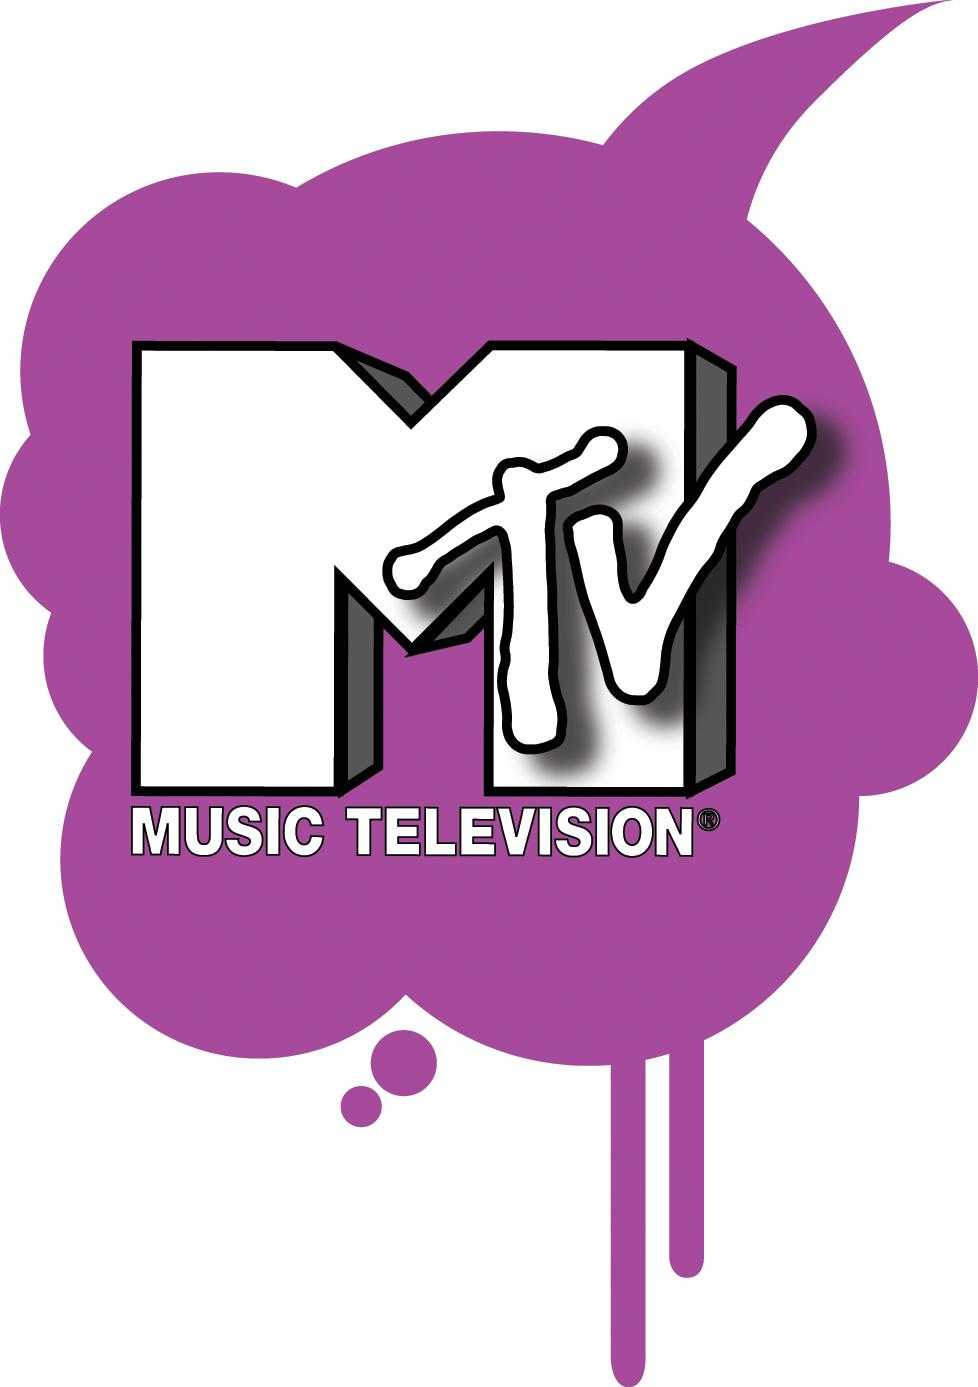 TI Media ragiona ipotesi scioglimento joint venture Viacom su Mtv Italia | Digitale terrestre: Dtti.it